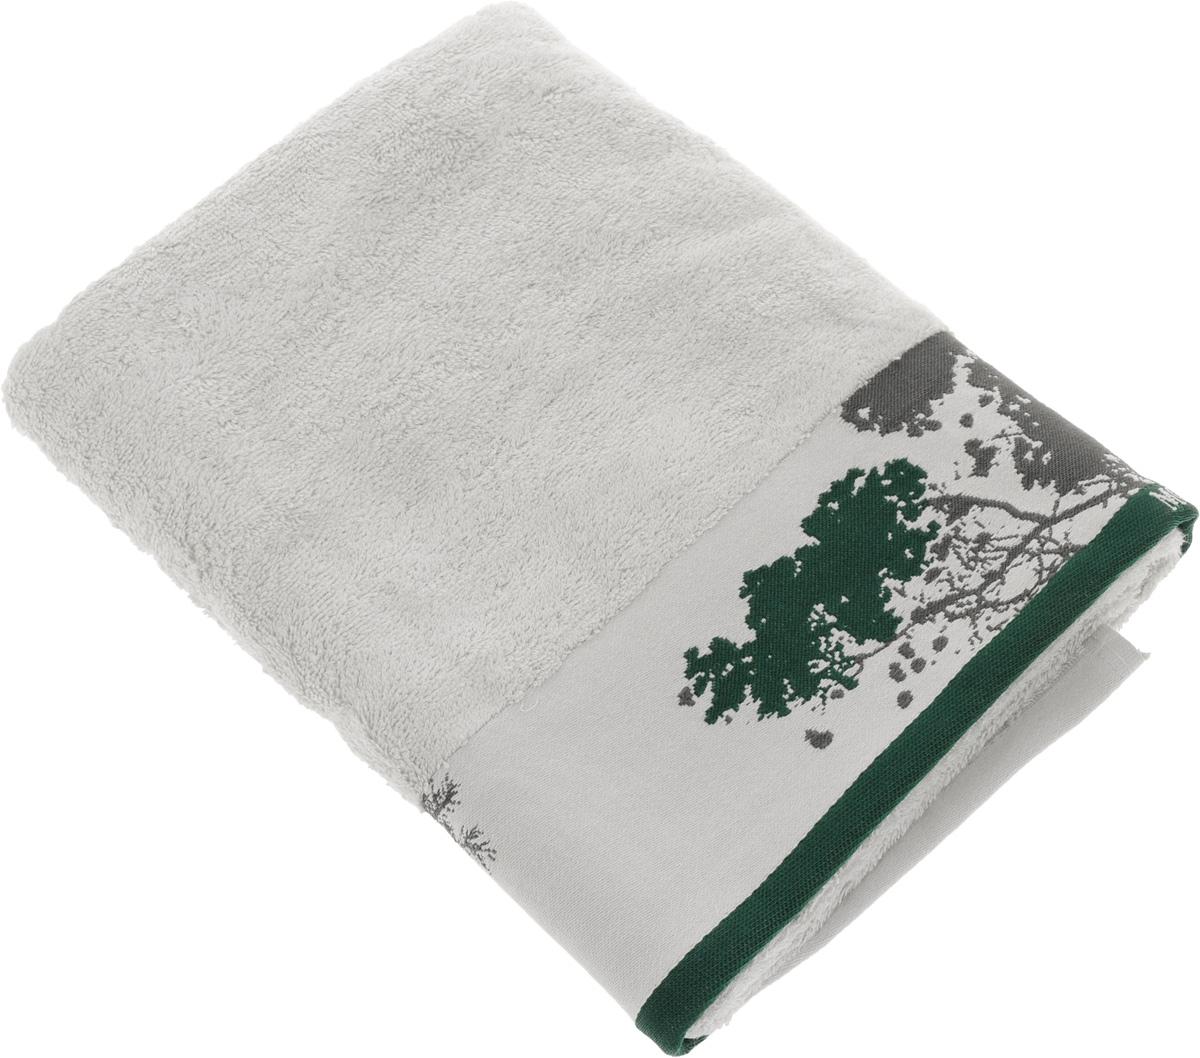 Полотенце Mona Liza Nature, цвет: светло-серый, зеленый, 70 х 140 см100-49000000-60Мягкое полотенце Nature изготовлено из 30% хлопка и 70% бамбукового волокна. Полотенце Nature с жаккардовым бордюром обладает высокой впитывающей способностью и сочетает в себе элегантную роскошь и практичность. Благодаря высокому качеству изготовления, полотенце будет радовать вас многие годы. Мотивы коллекции Mona Liza Premium bu Serg Look навеяны итальянскими фресками эпохи Ренессанса, периода удивительной гармонии в искусстве. В представленной коллекции для нанесения на ткань рисунка применяется многоцветная печать, метод реактивного крашения, который позволяет создать уникальную цветовую гамму, напоминающую старинные фрески. Этот метод также обеспечивает высокую устойчивость краски при стирке.